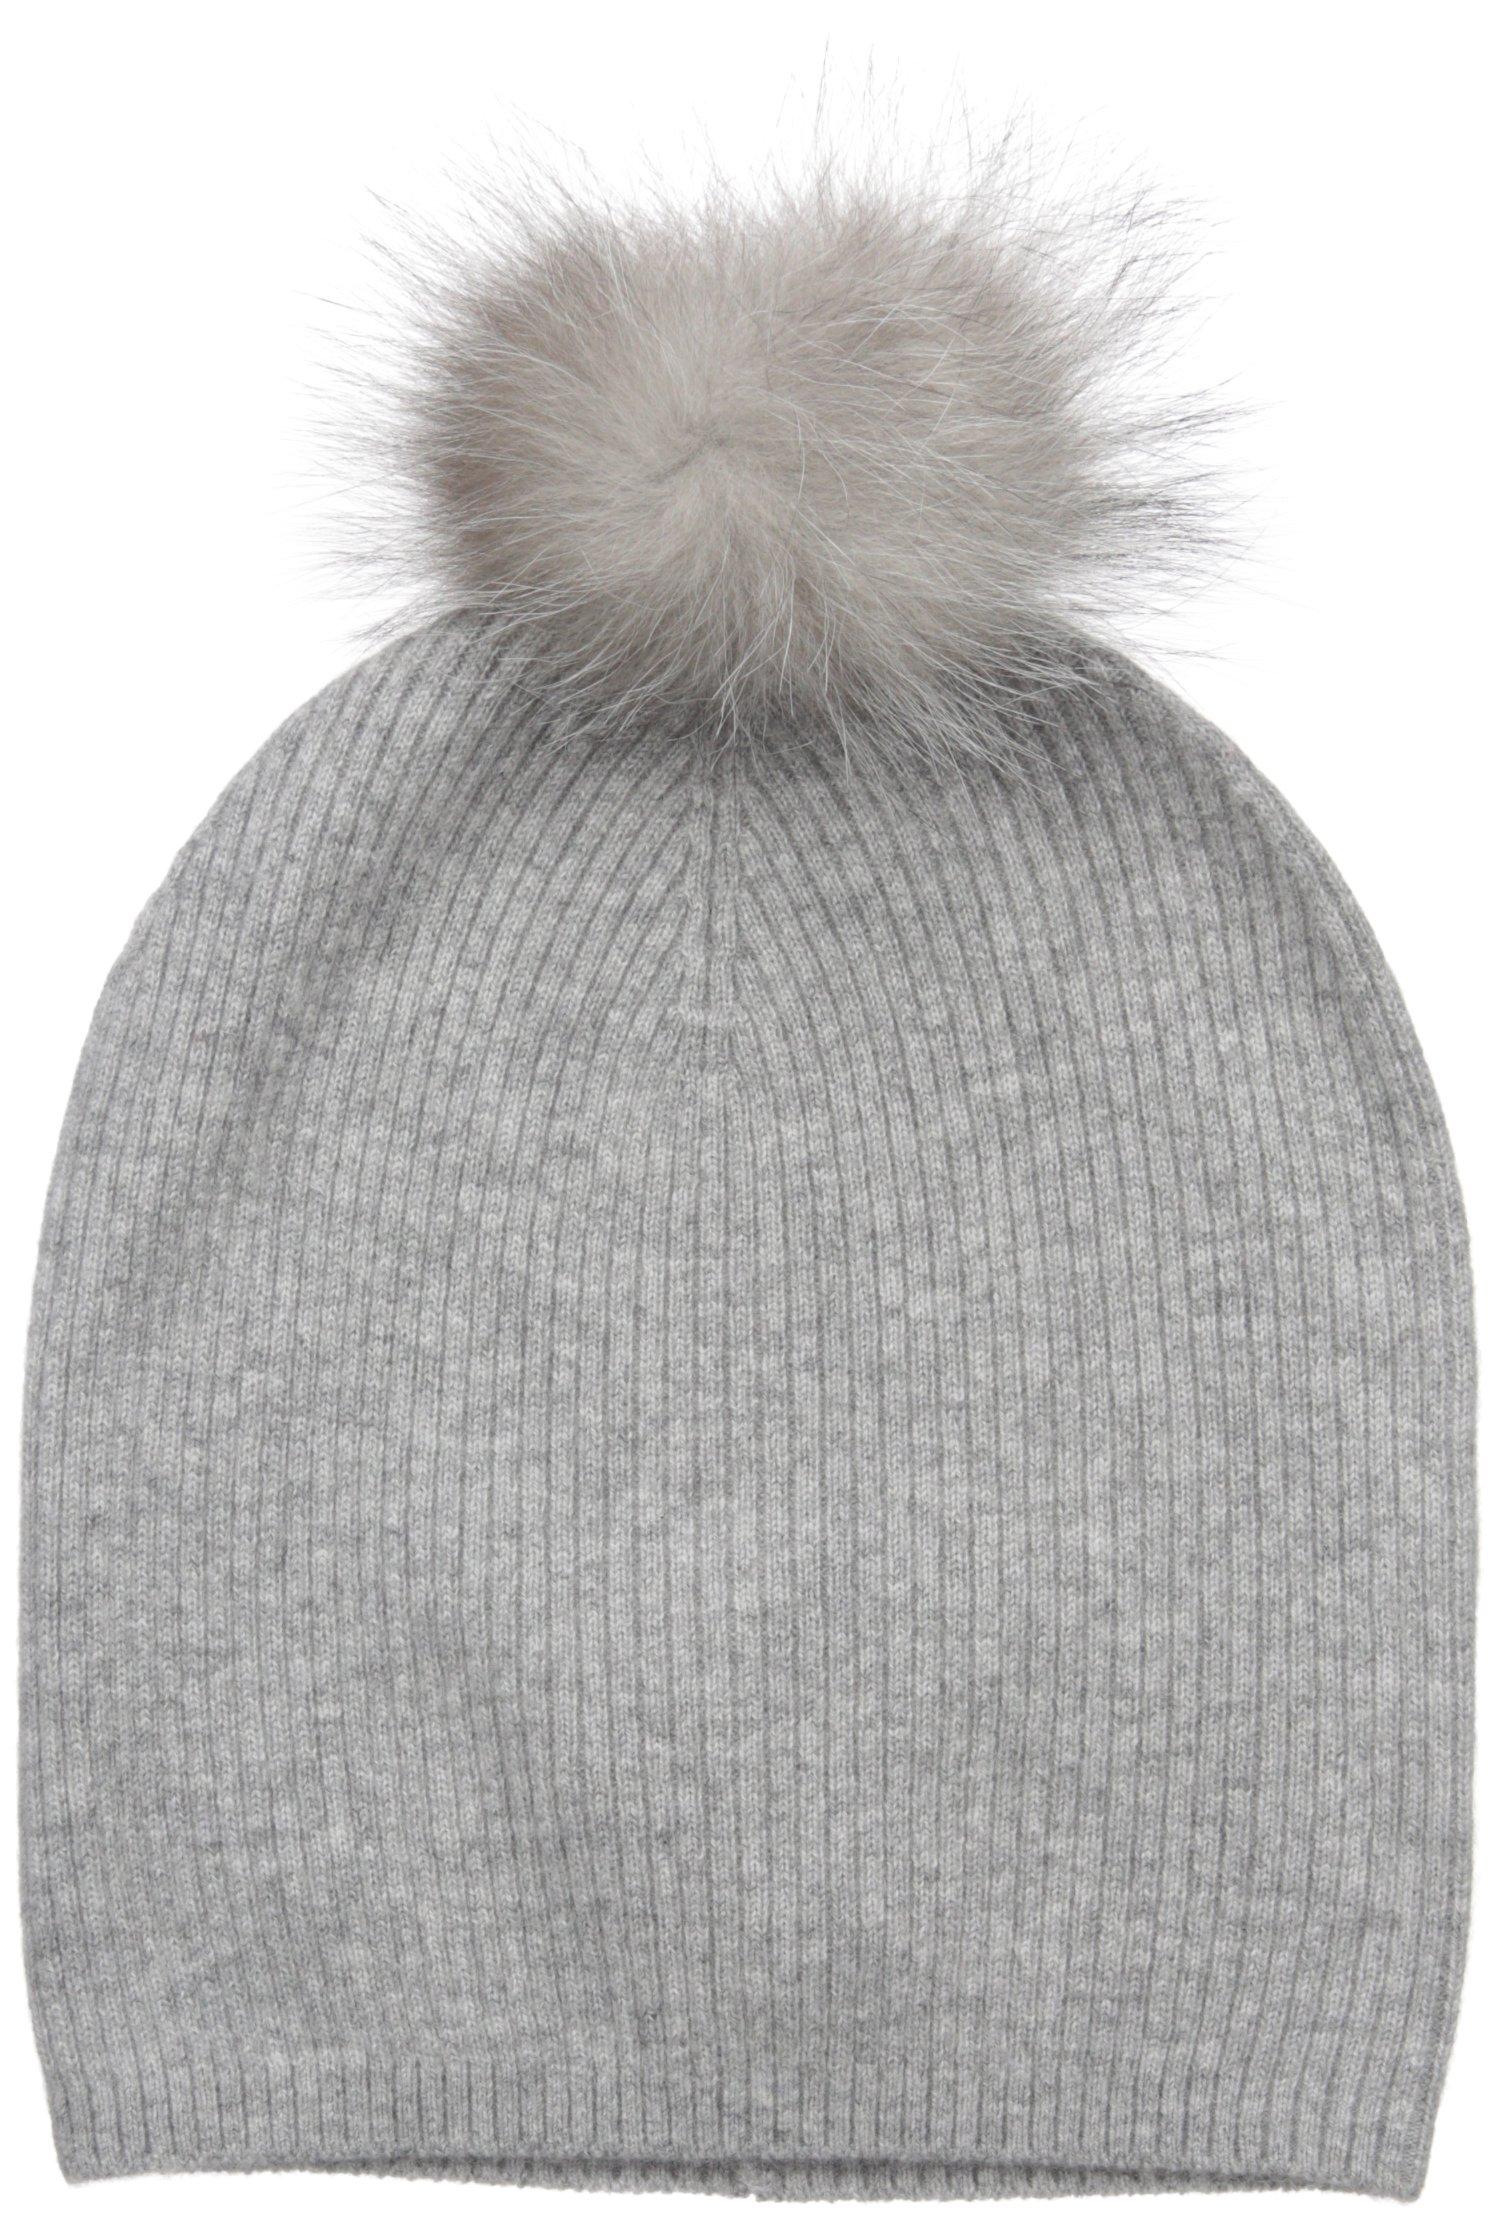 Sofia Cashmere Women's 100% Cashmere Slouchy Beanie With Indigo Fox Fur Pom, Elephant Grey, One Size